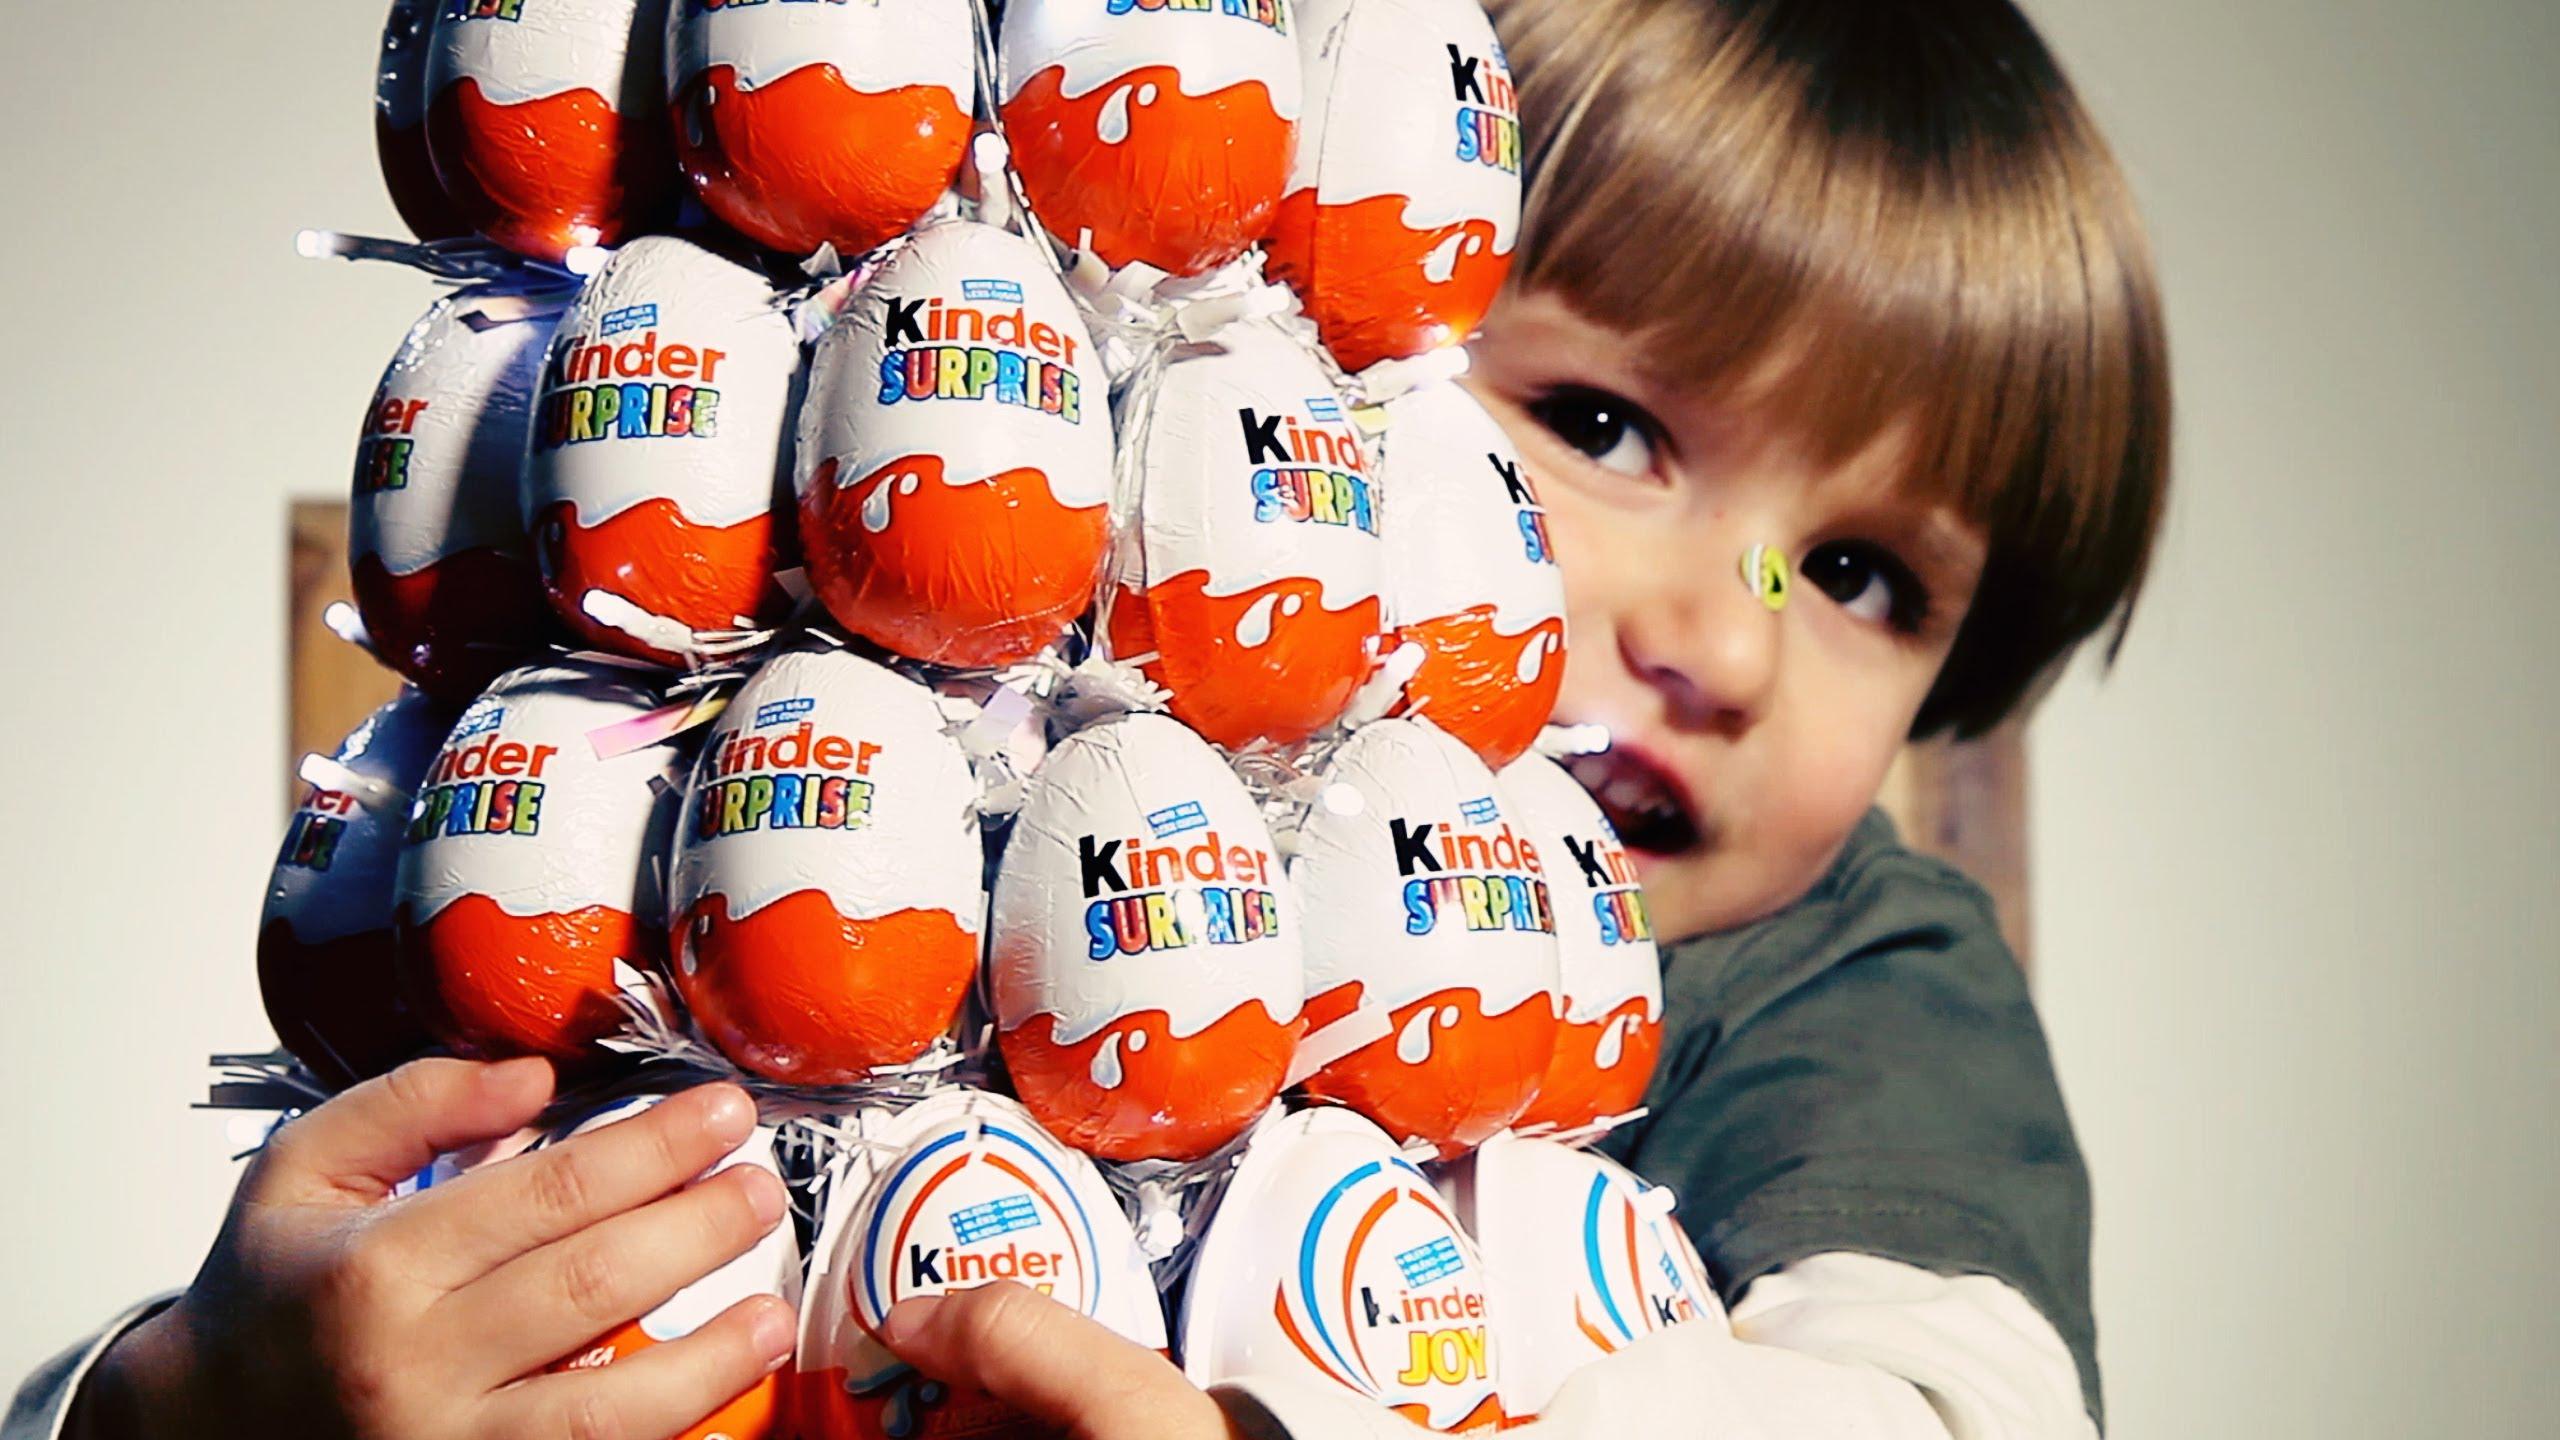 kinder фото детей